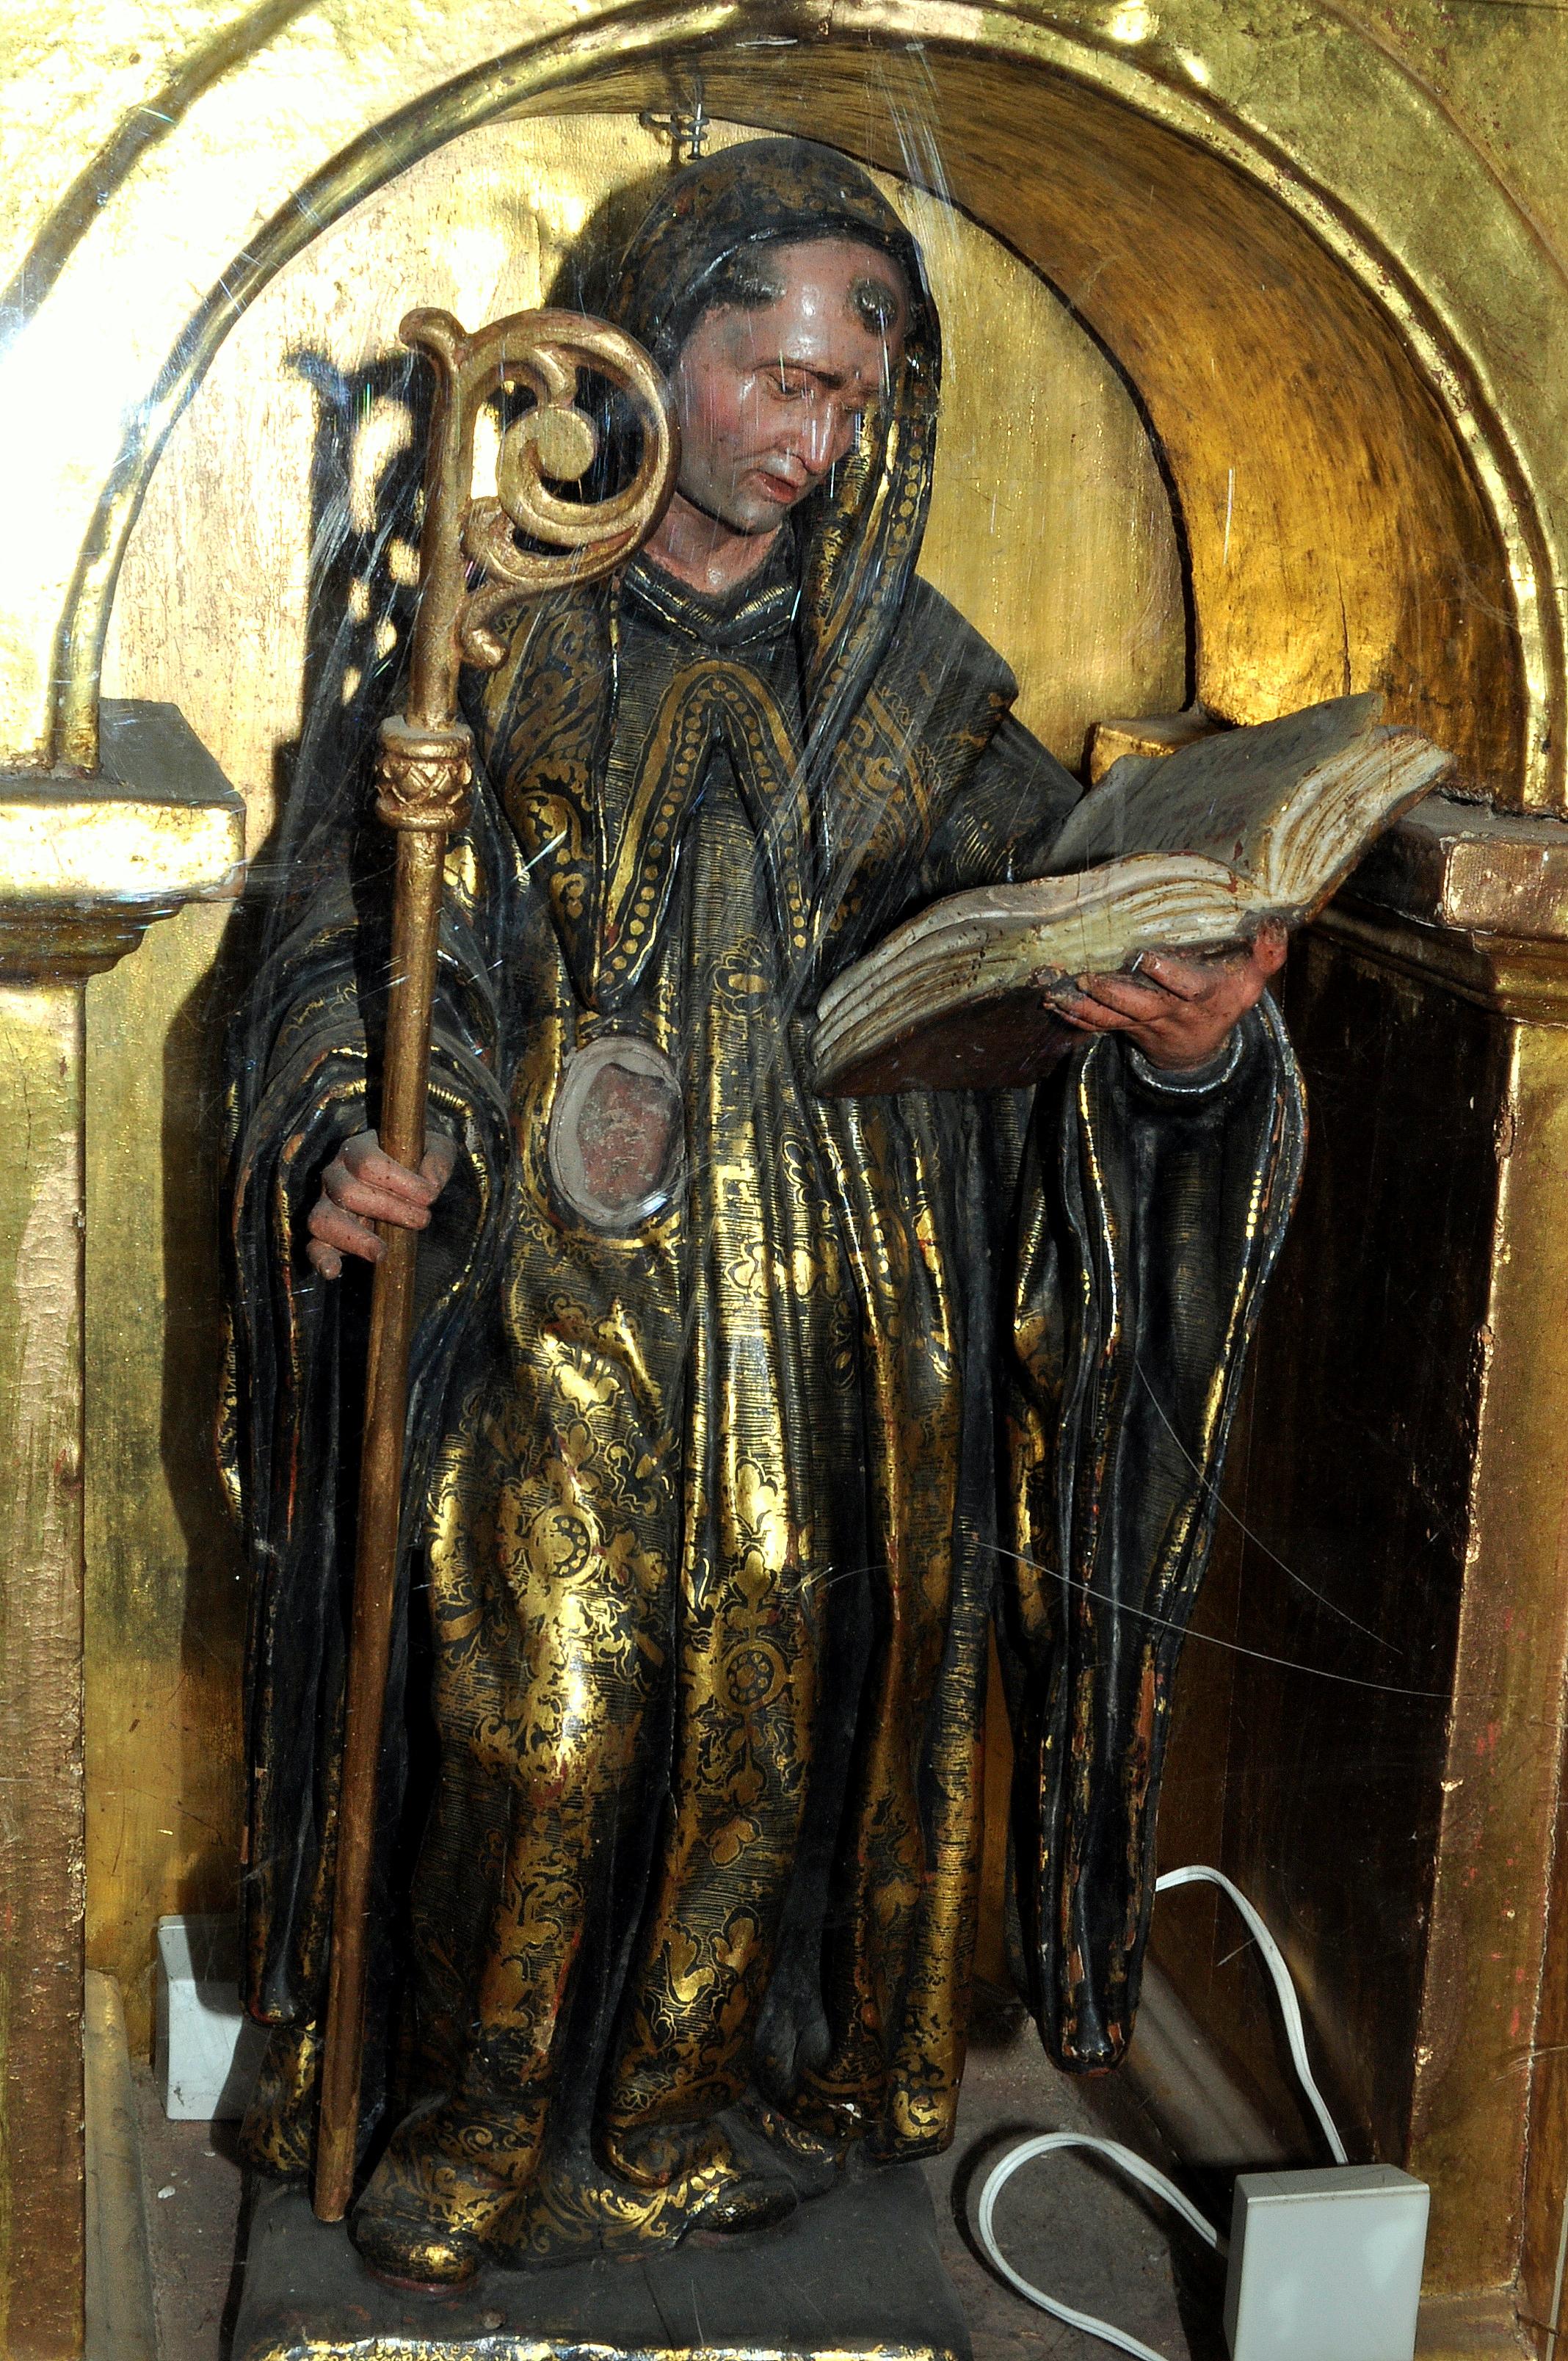 San Benito (s. XVII) del escultor berciano Tomás de Sierra. Pertenece a la gran colección de este autor conservada en el Museo Jesuitas de Villagarcía de Campos